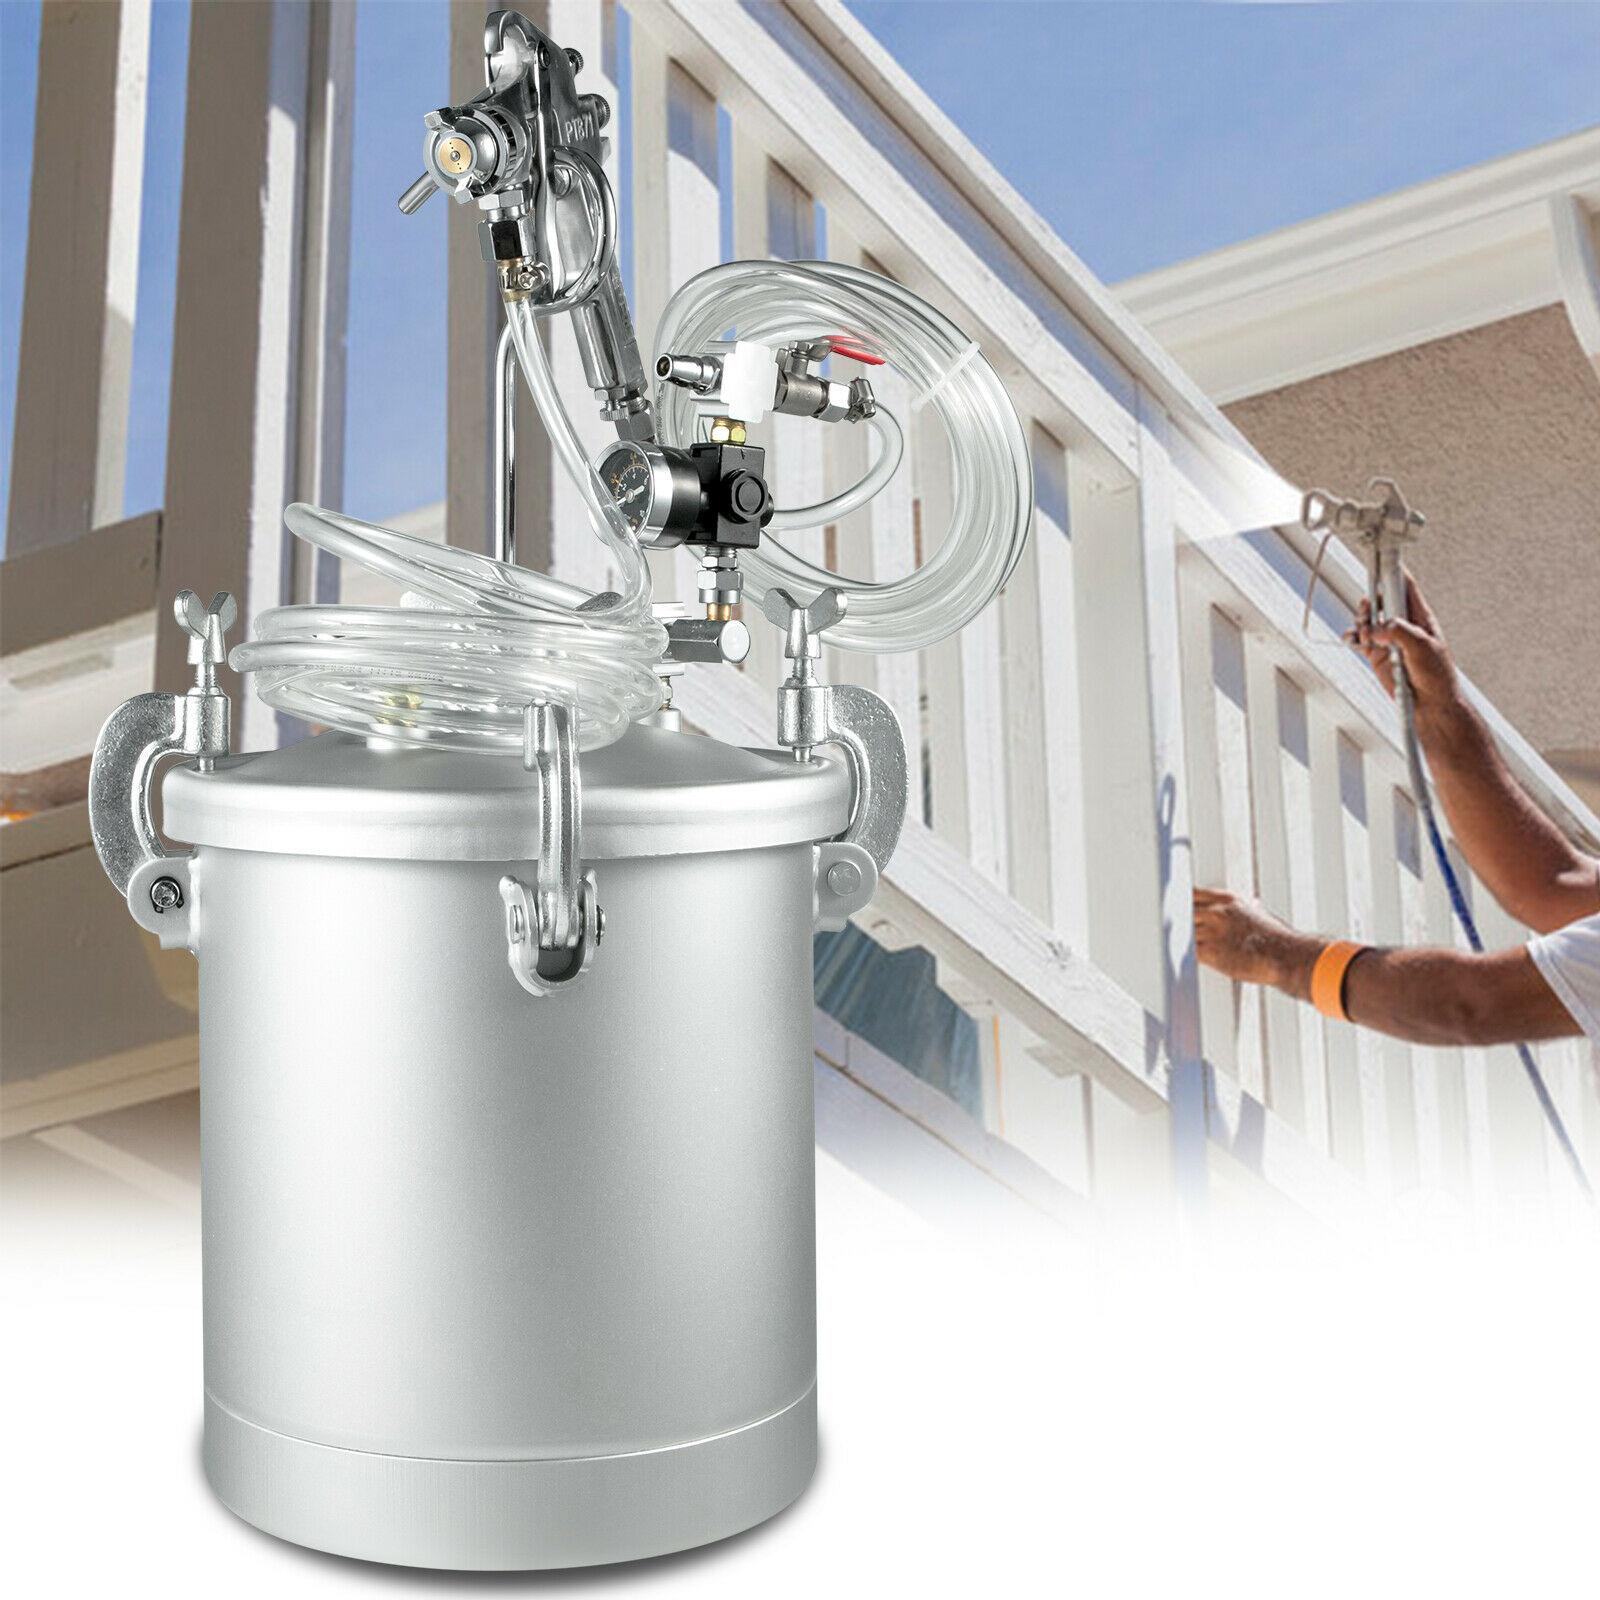 VEVOR Paint Tank 2-1/2 Gallon Pressure Pot Paint Max 30 PSI Pressure Tank Paint 10L Air and Fluid Hoses